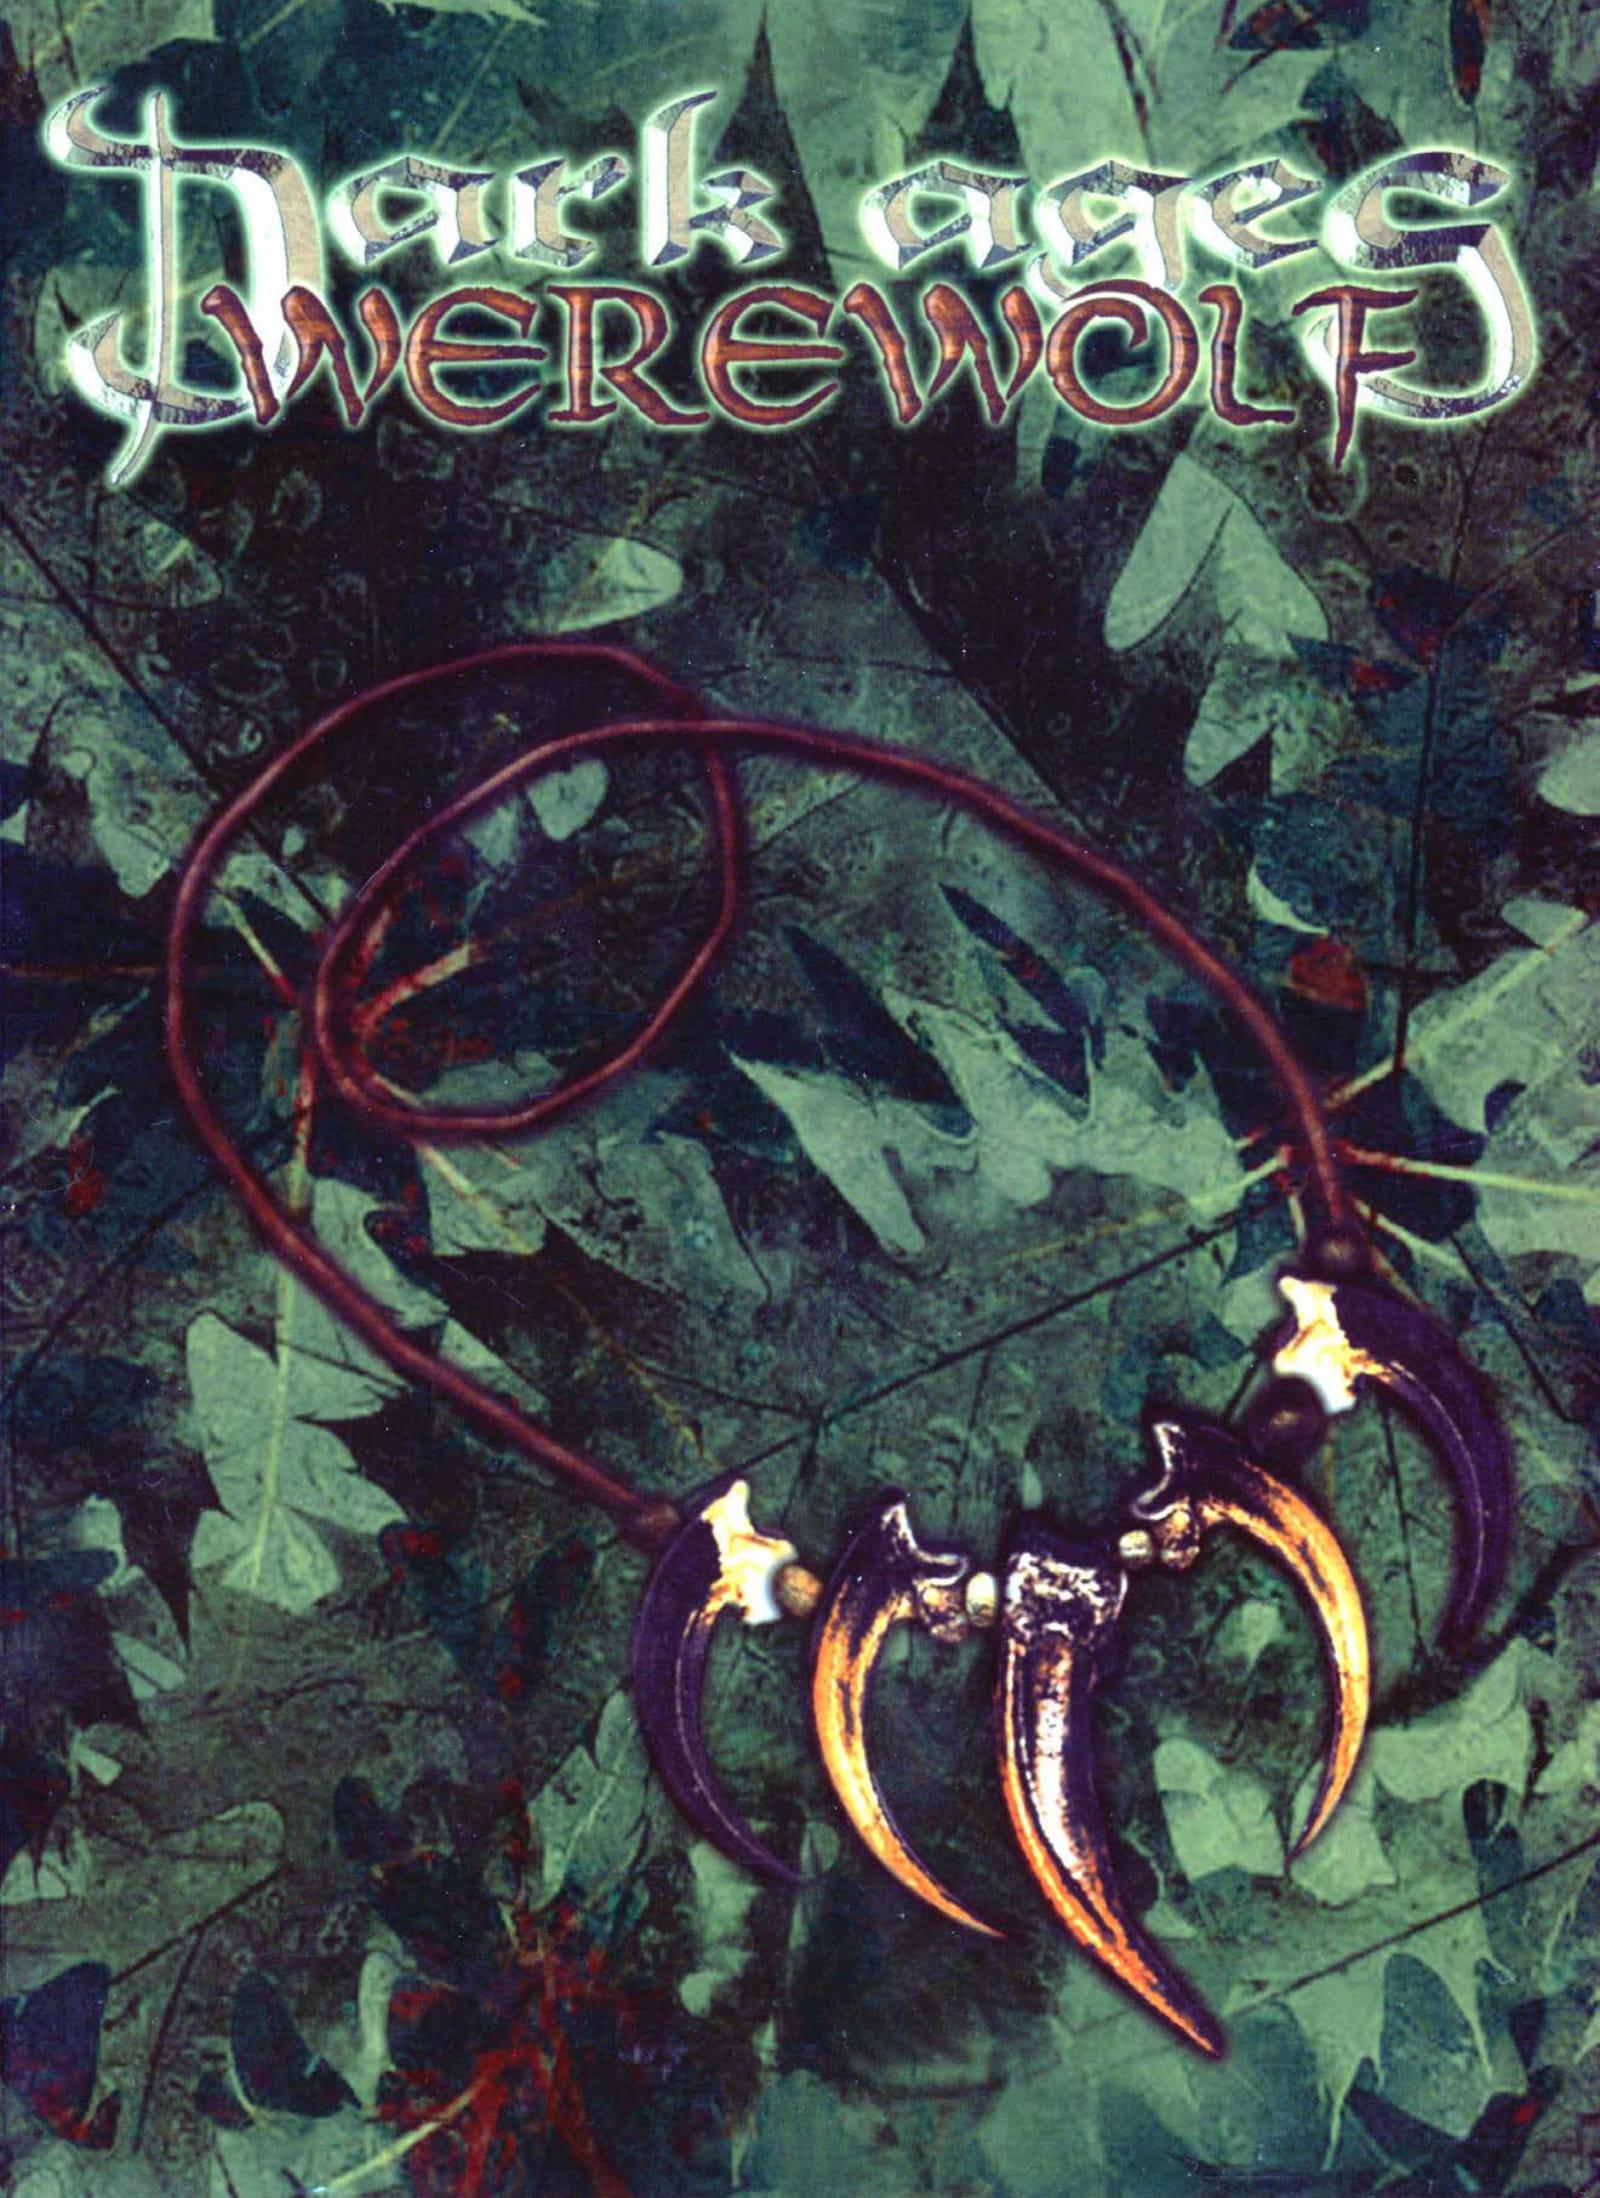 Werewolf: The Dark Ages